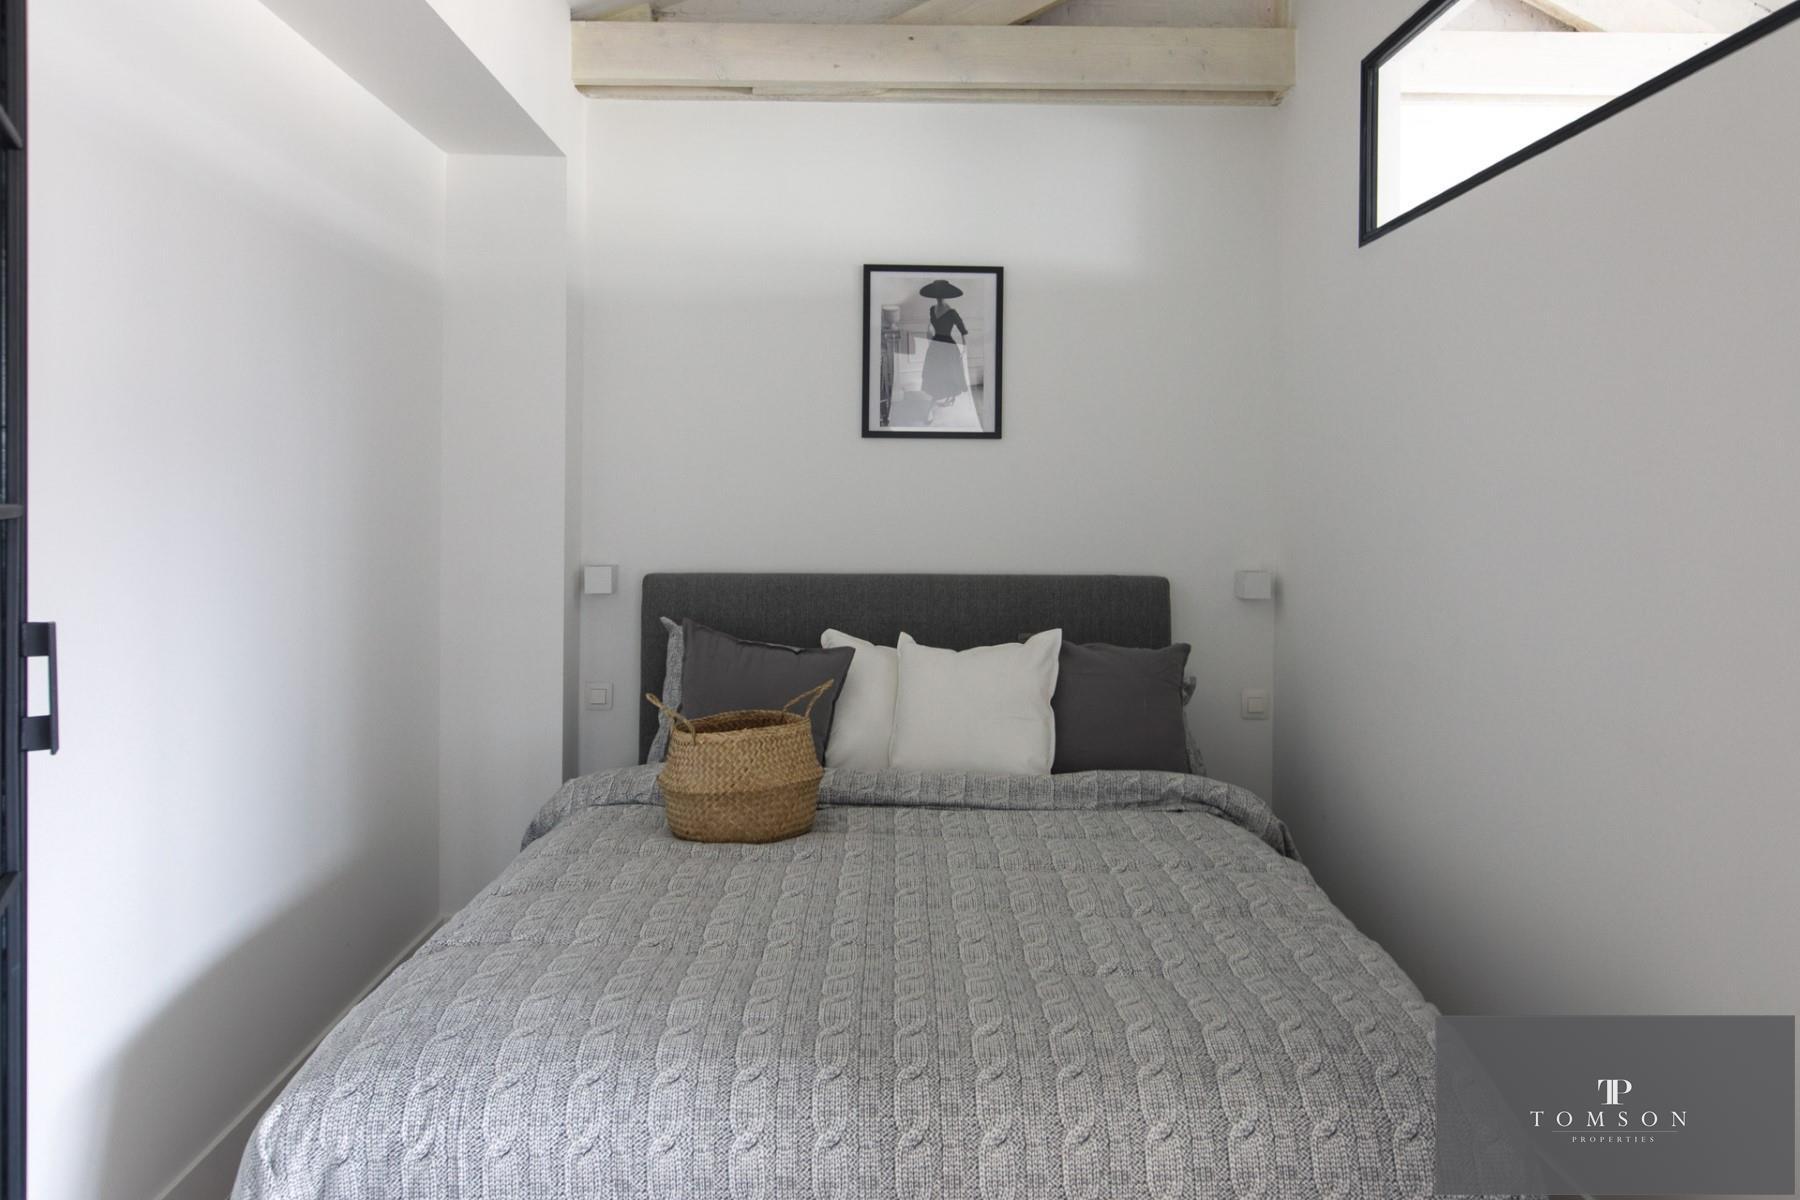 Apartment block  - Bruxelles - #3686869-5